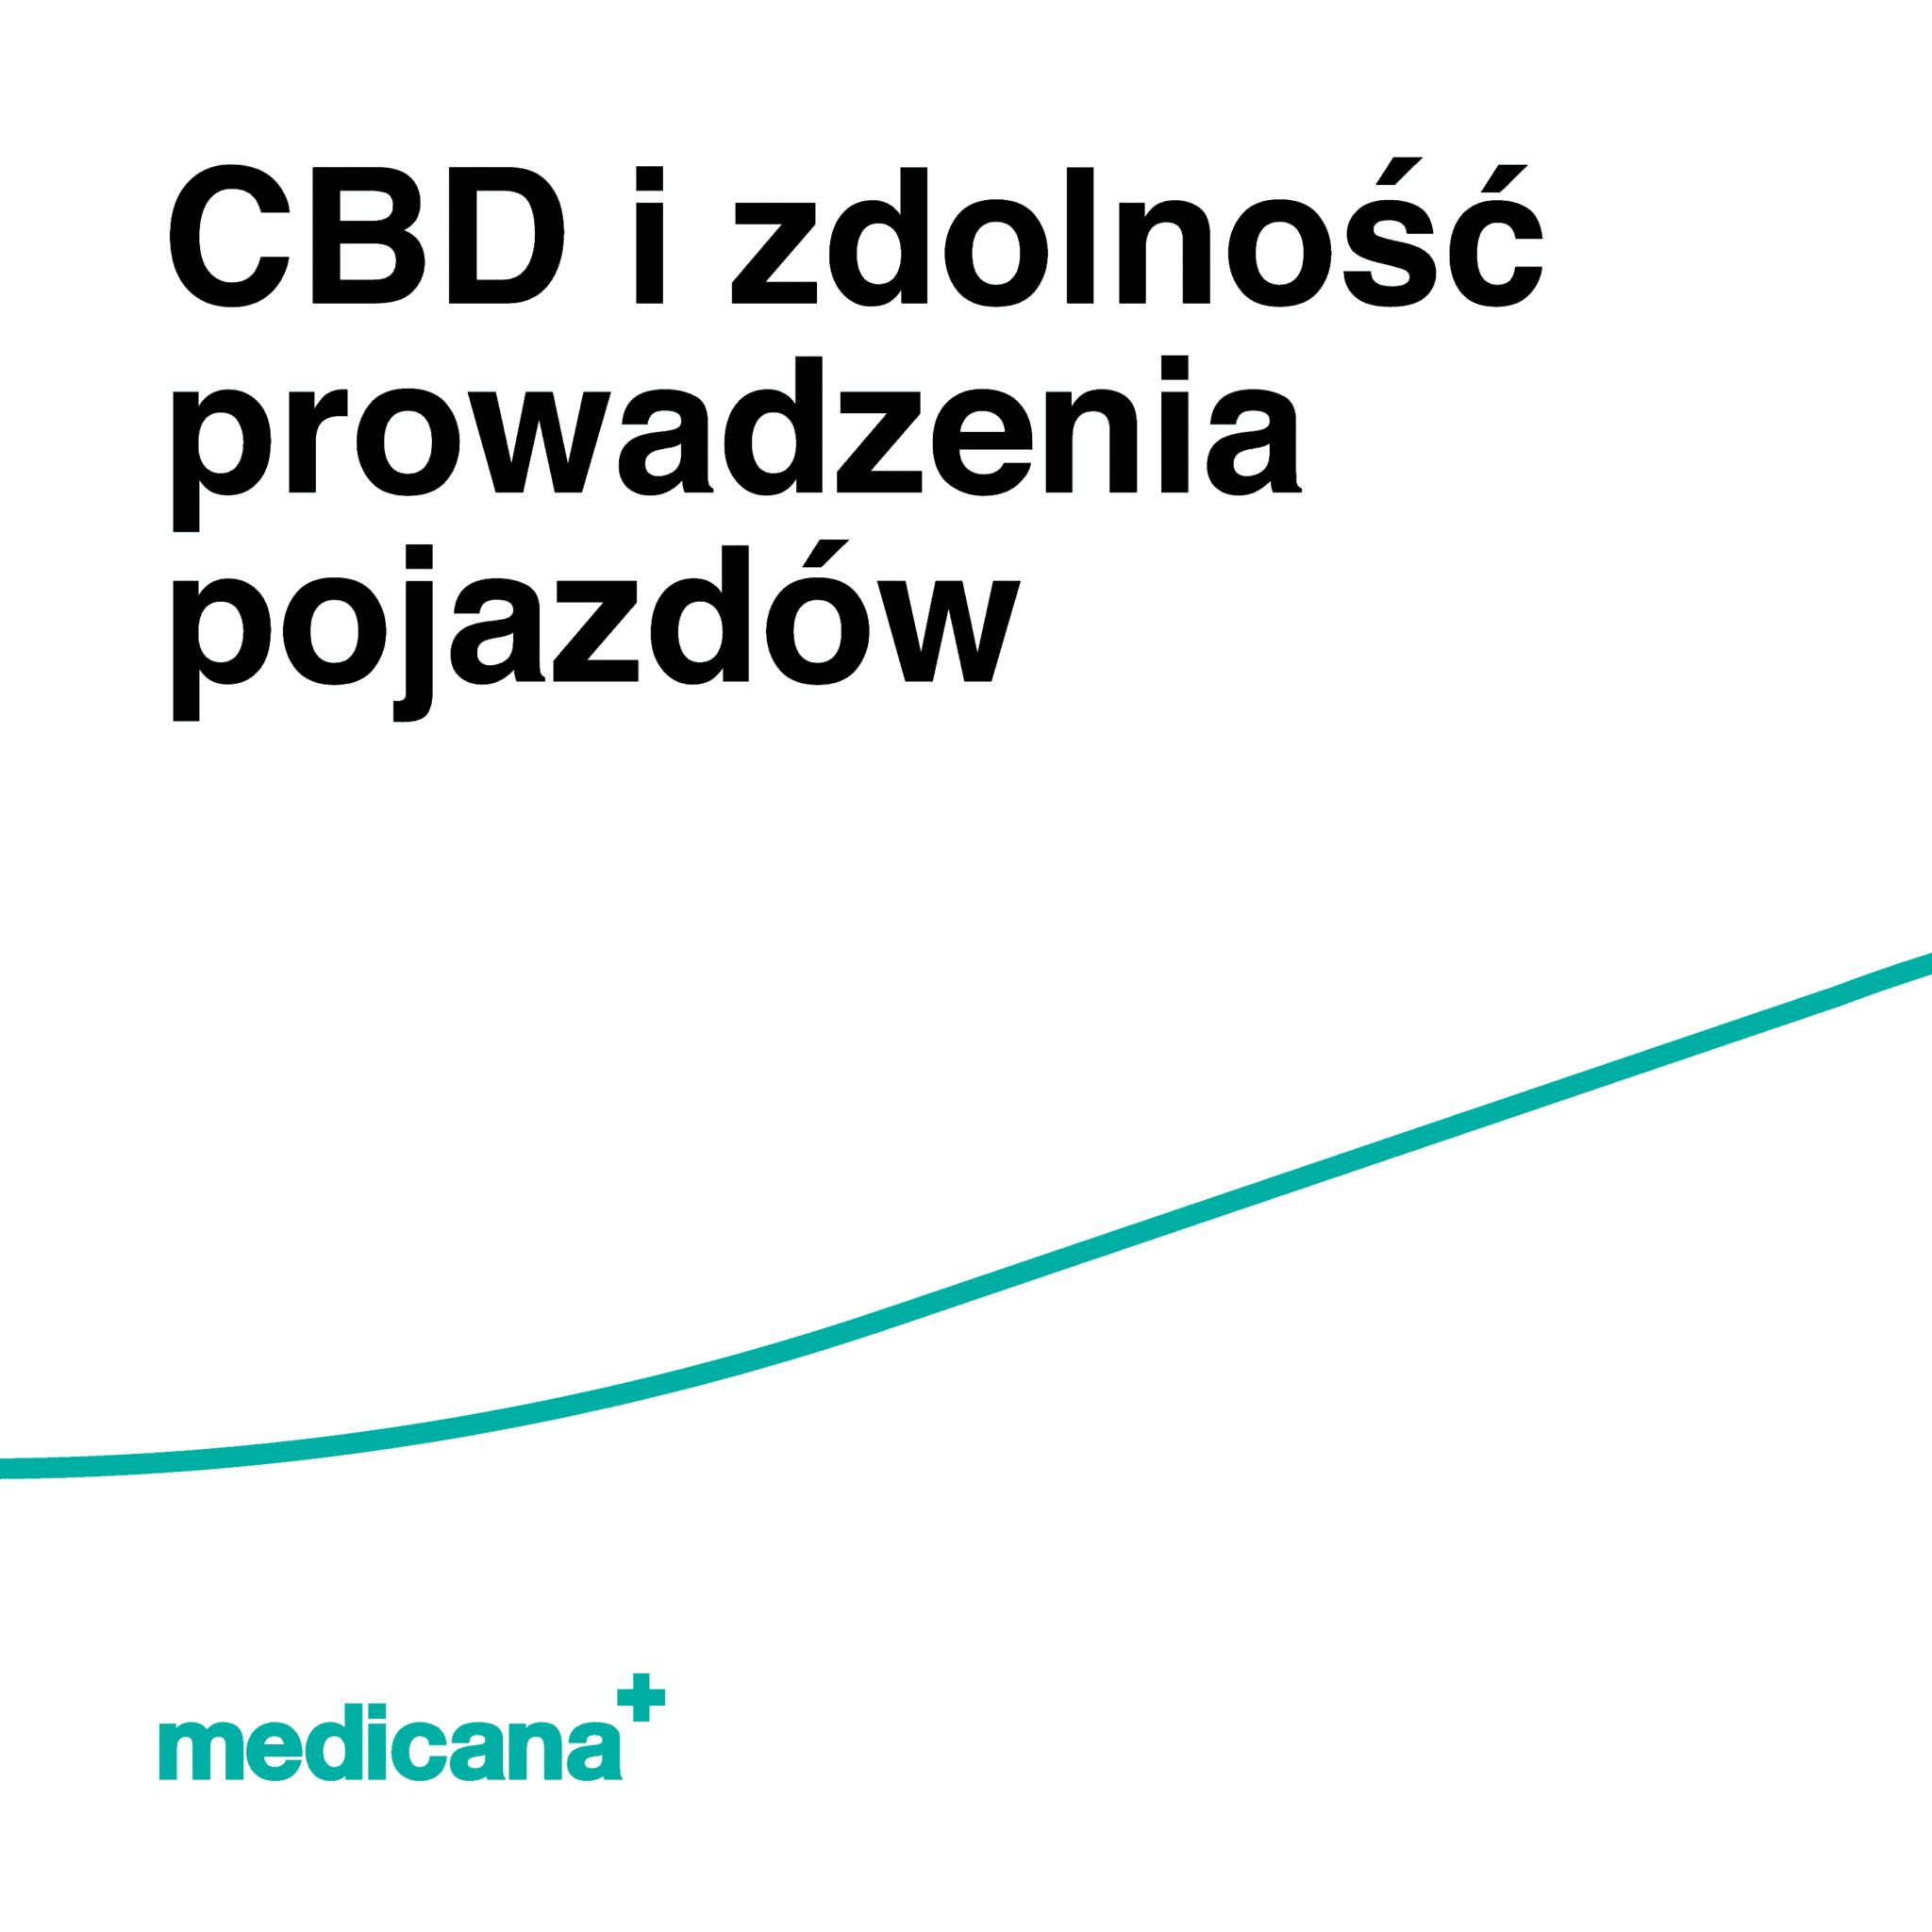 Grafika, białe tło z zieloną linią, czarnym napisem CBD i zdolność prowadzenia pojazdów oraz zielonym logo Medicana w lewym dolnym rogu.